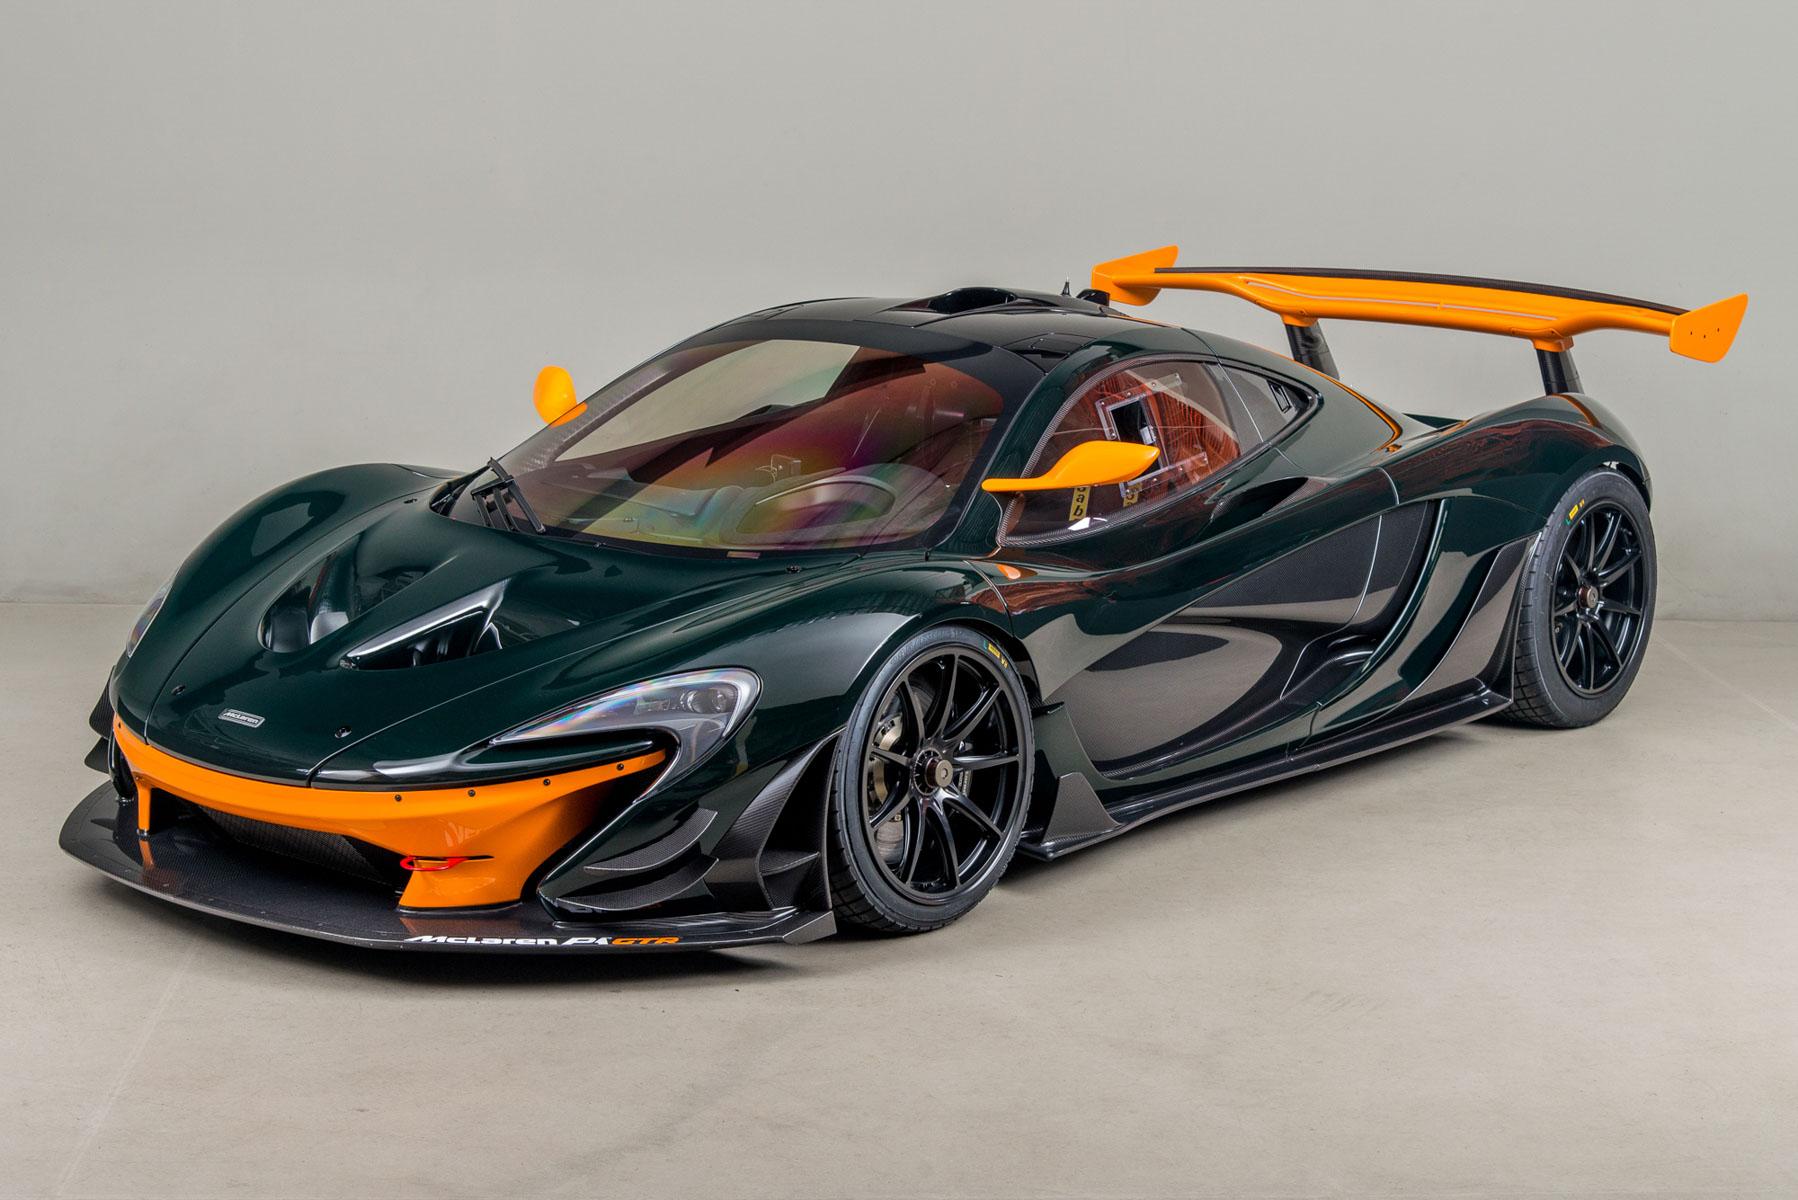 2016-McLaren-P1-GTR-at-Canepa-10.jpg